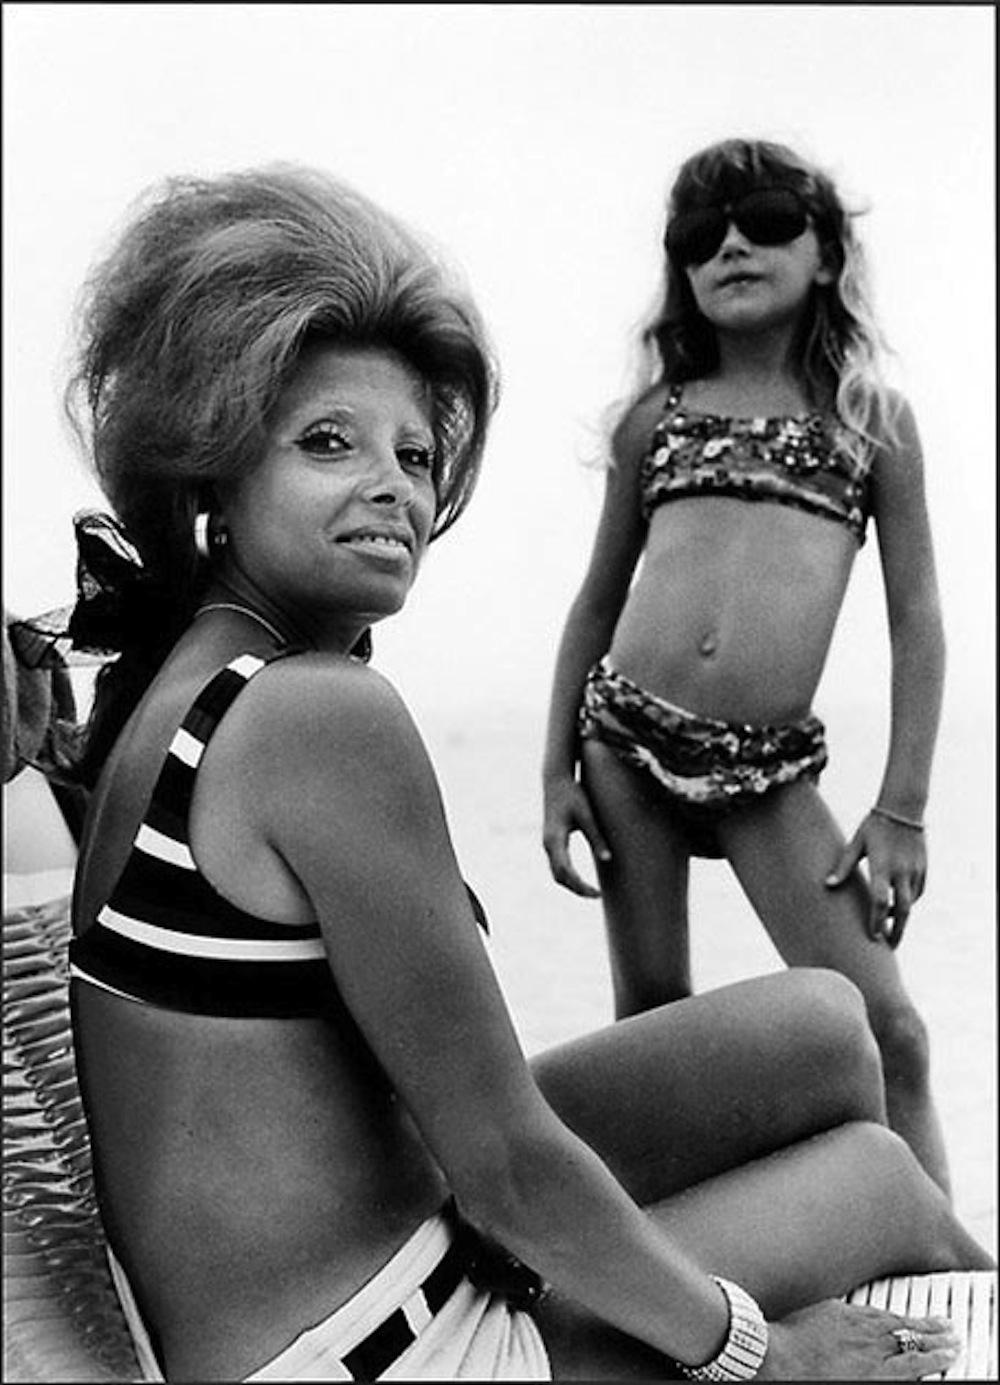 Madre e hija fotos en la playa por Joseph Szabo